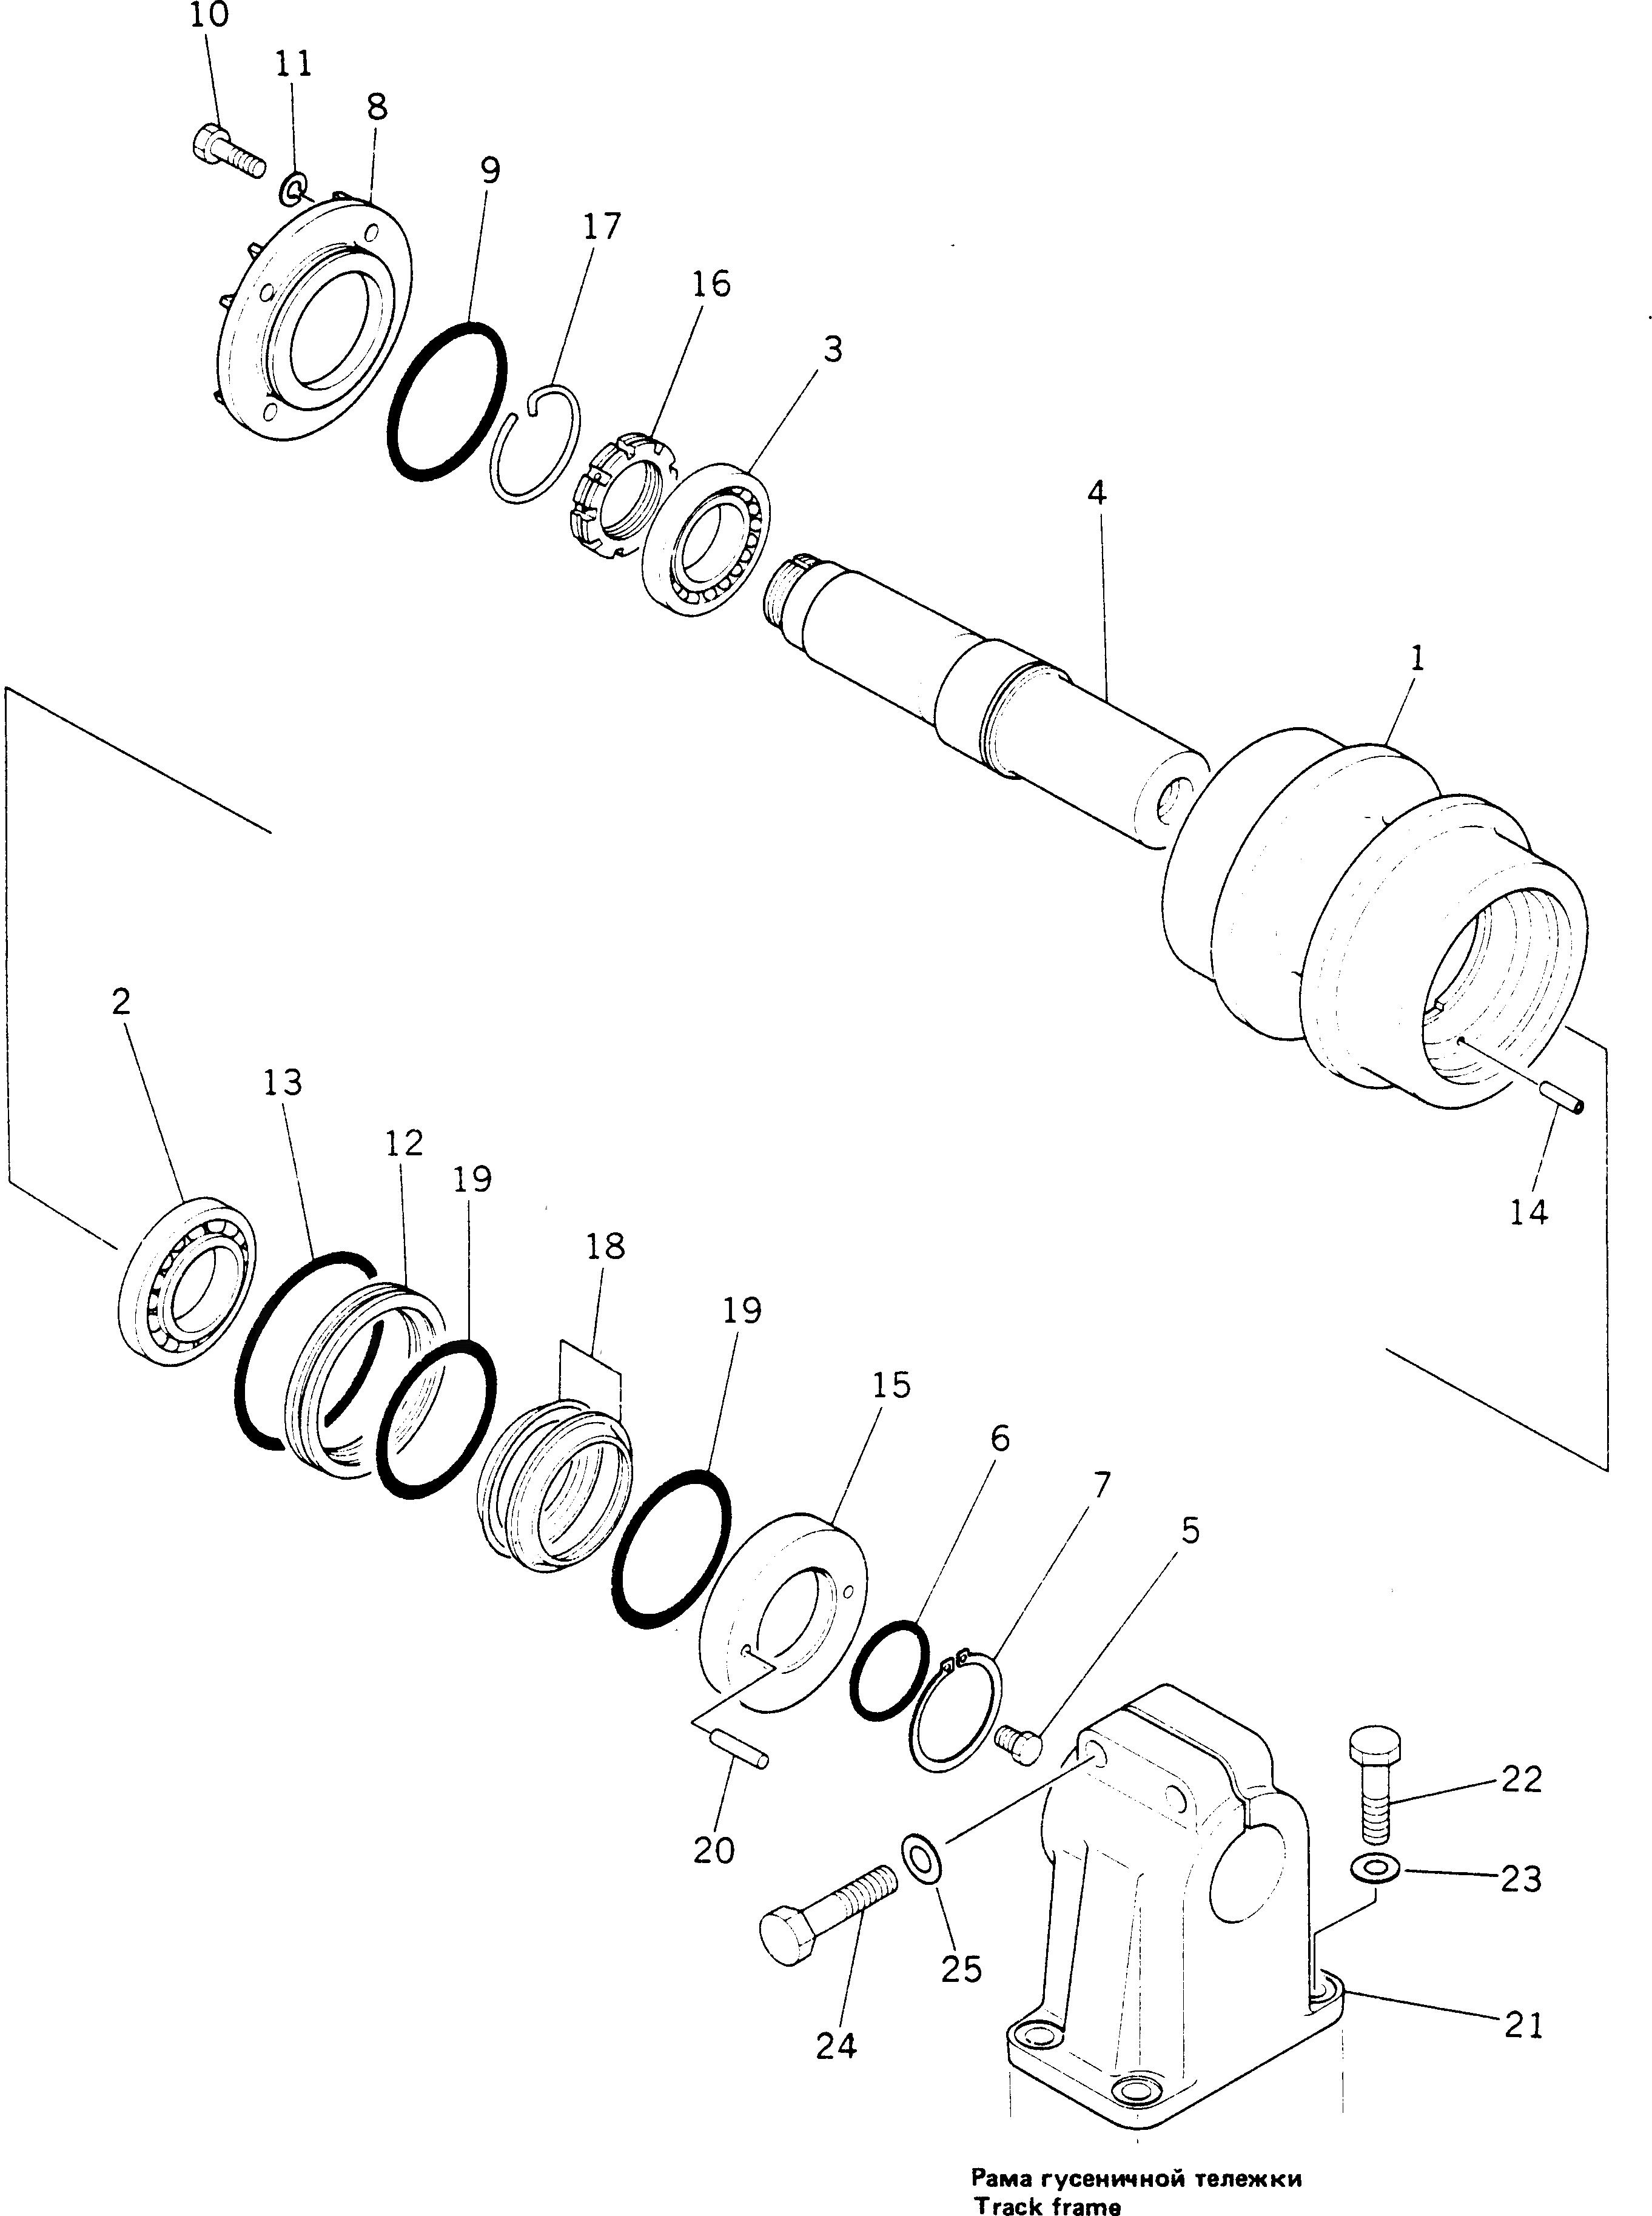 c36 wiring diagram wiring diagramc36 wiring diagram wiring diagram repair guidesc36 wiring diagram wiring diagram usedc36 [ 2724 x 3654 Pixel ]